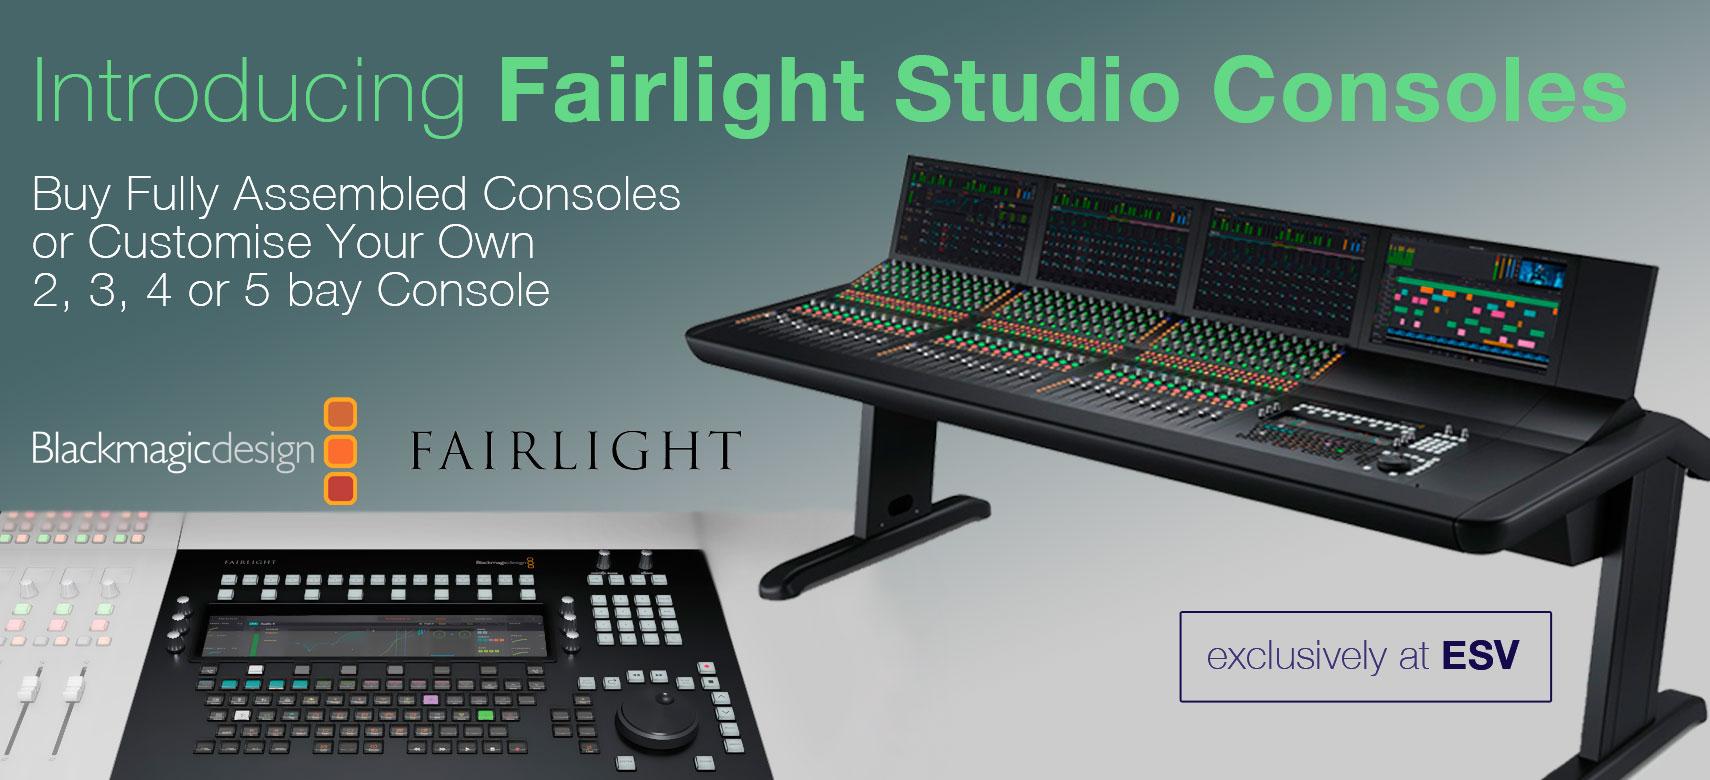 BMD Fairlight Studio